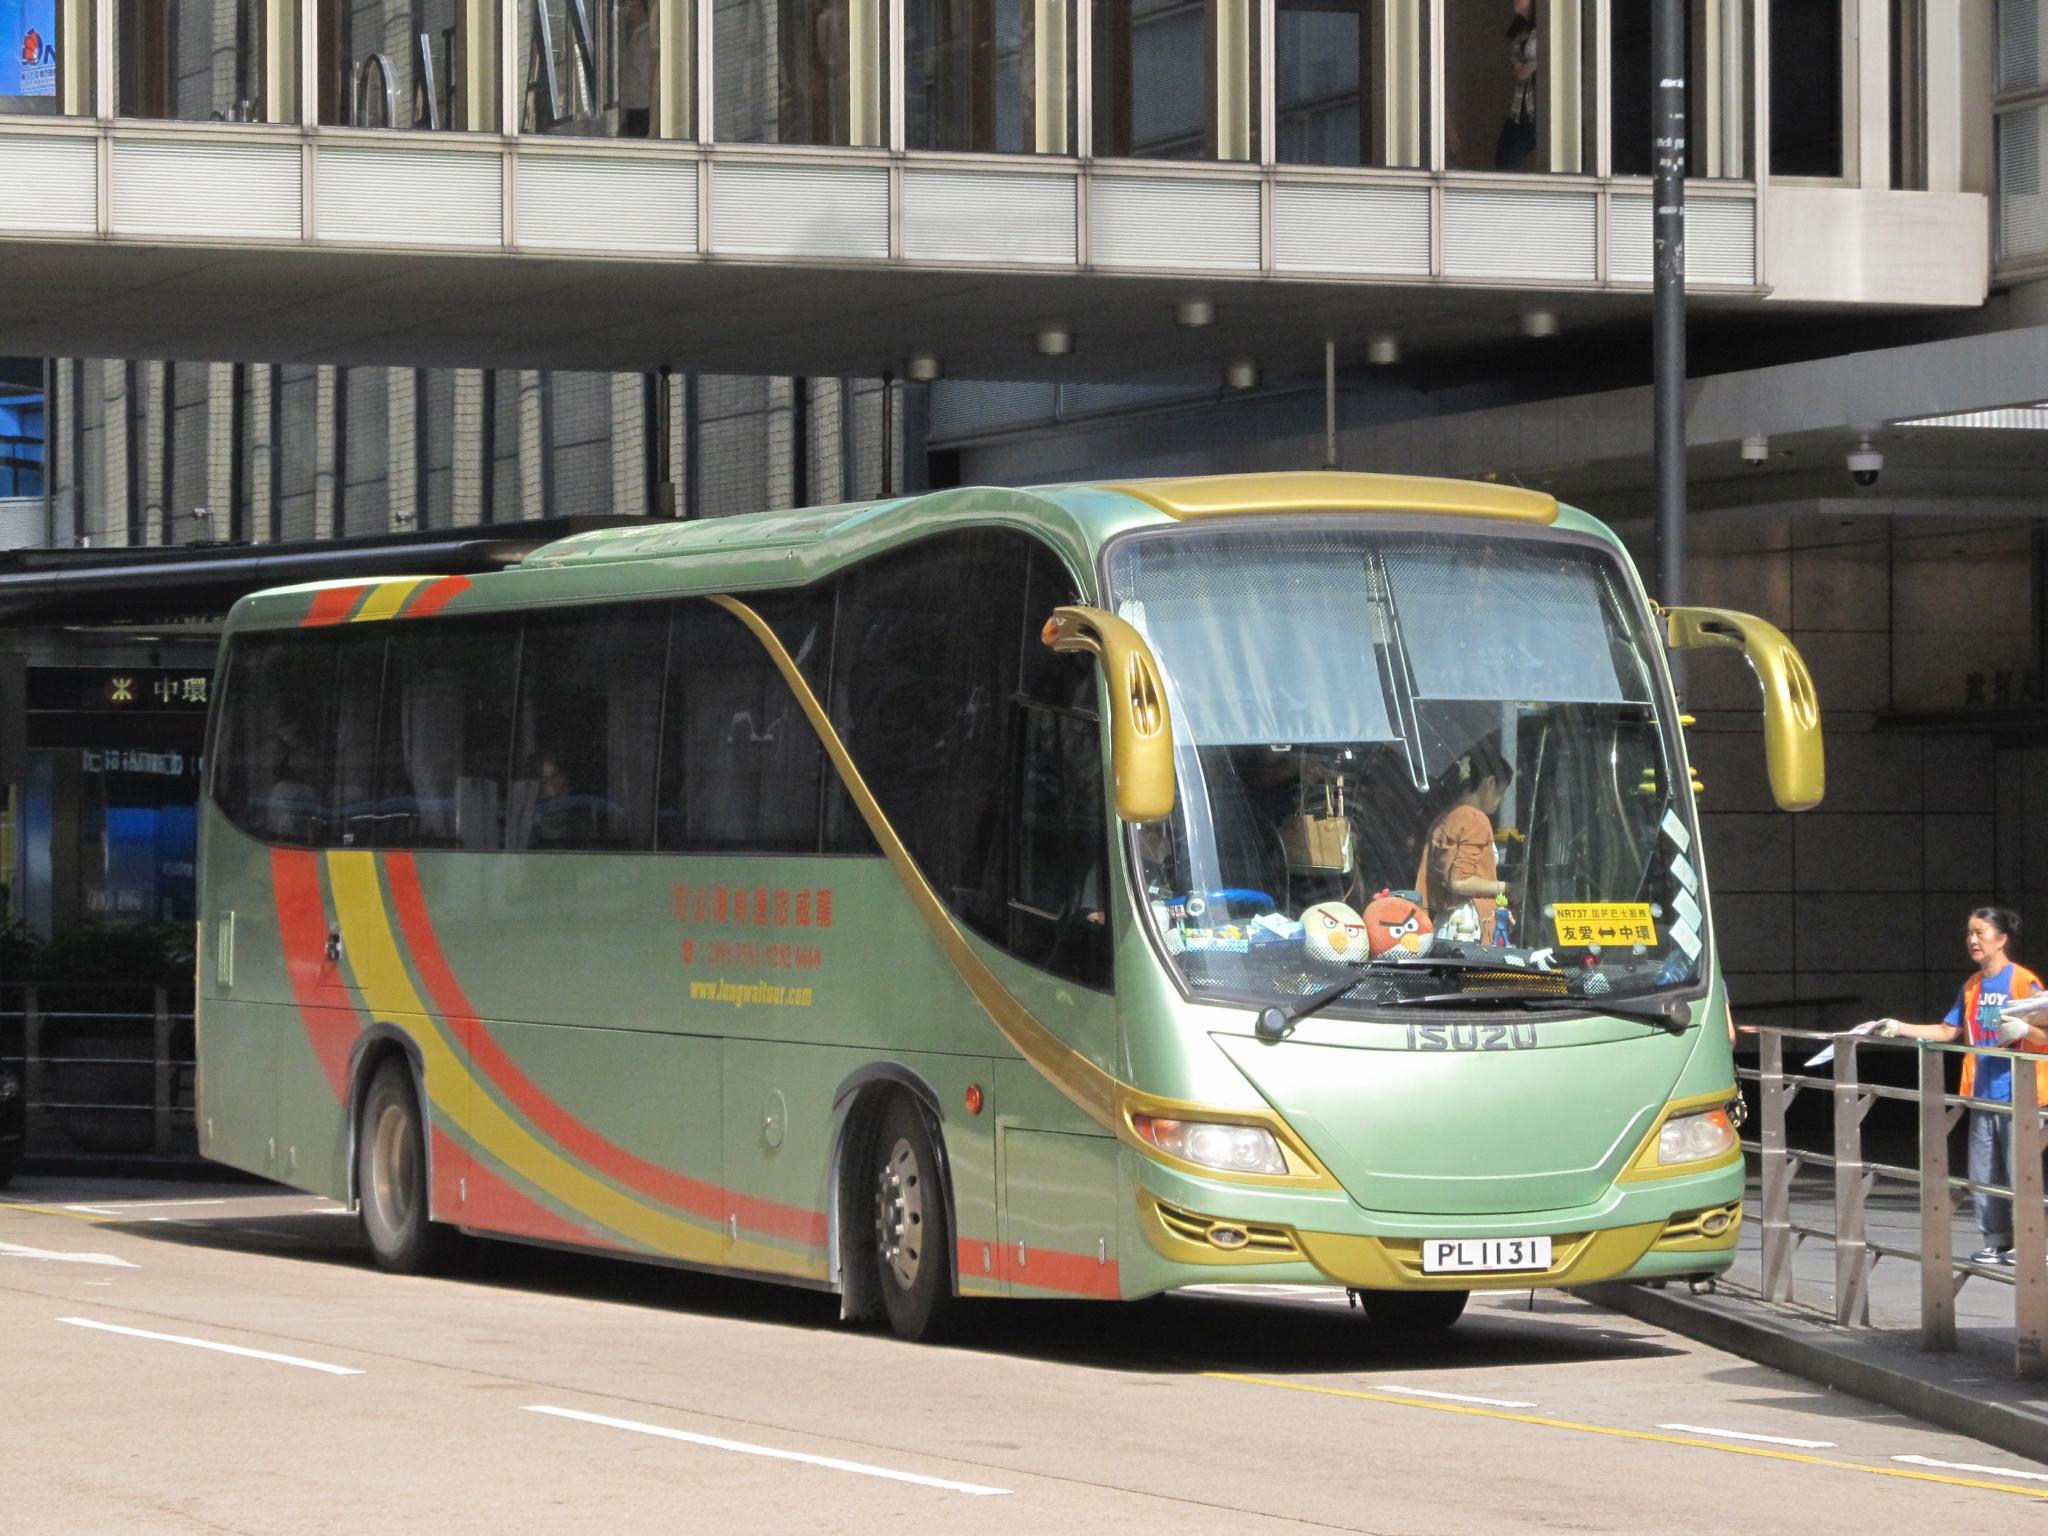 居民巴士NR737線